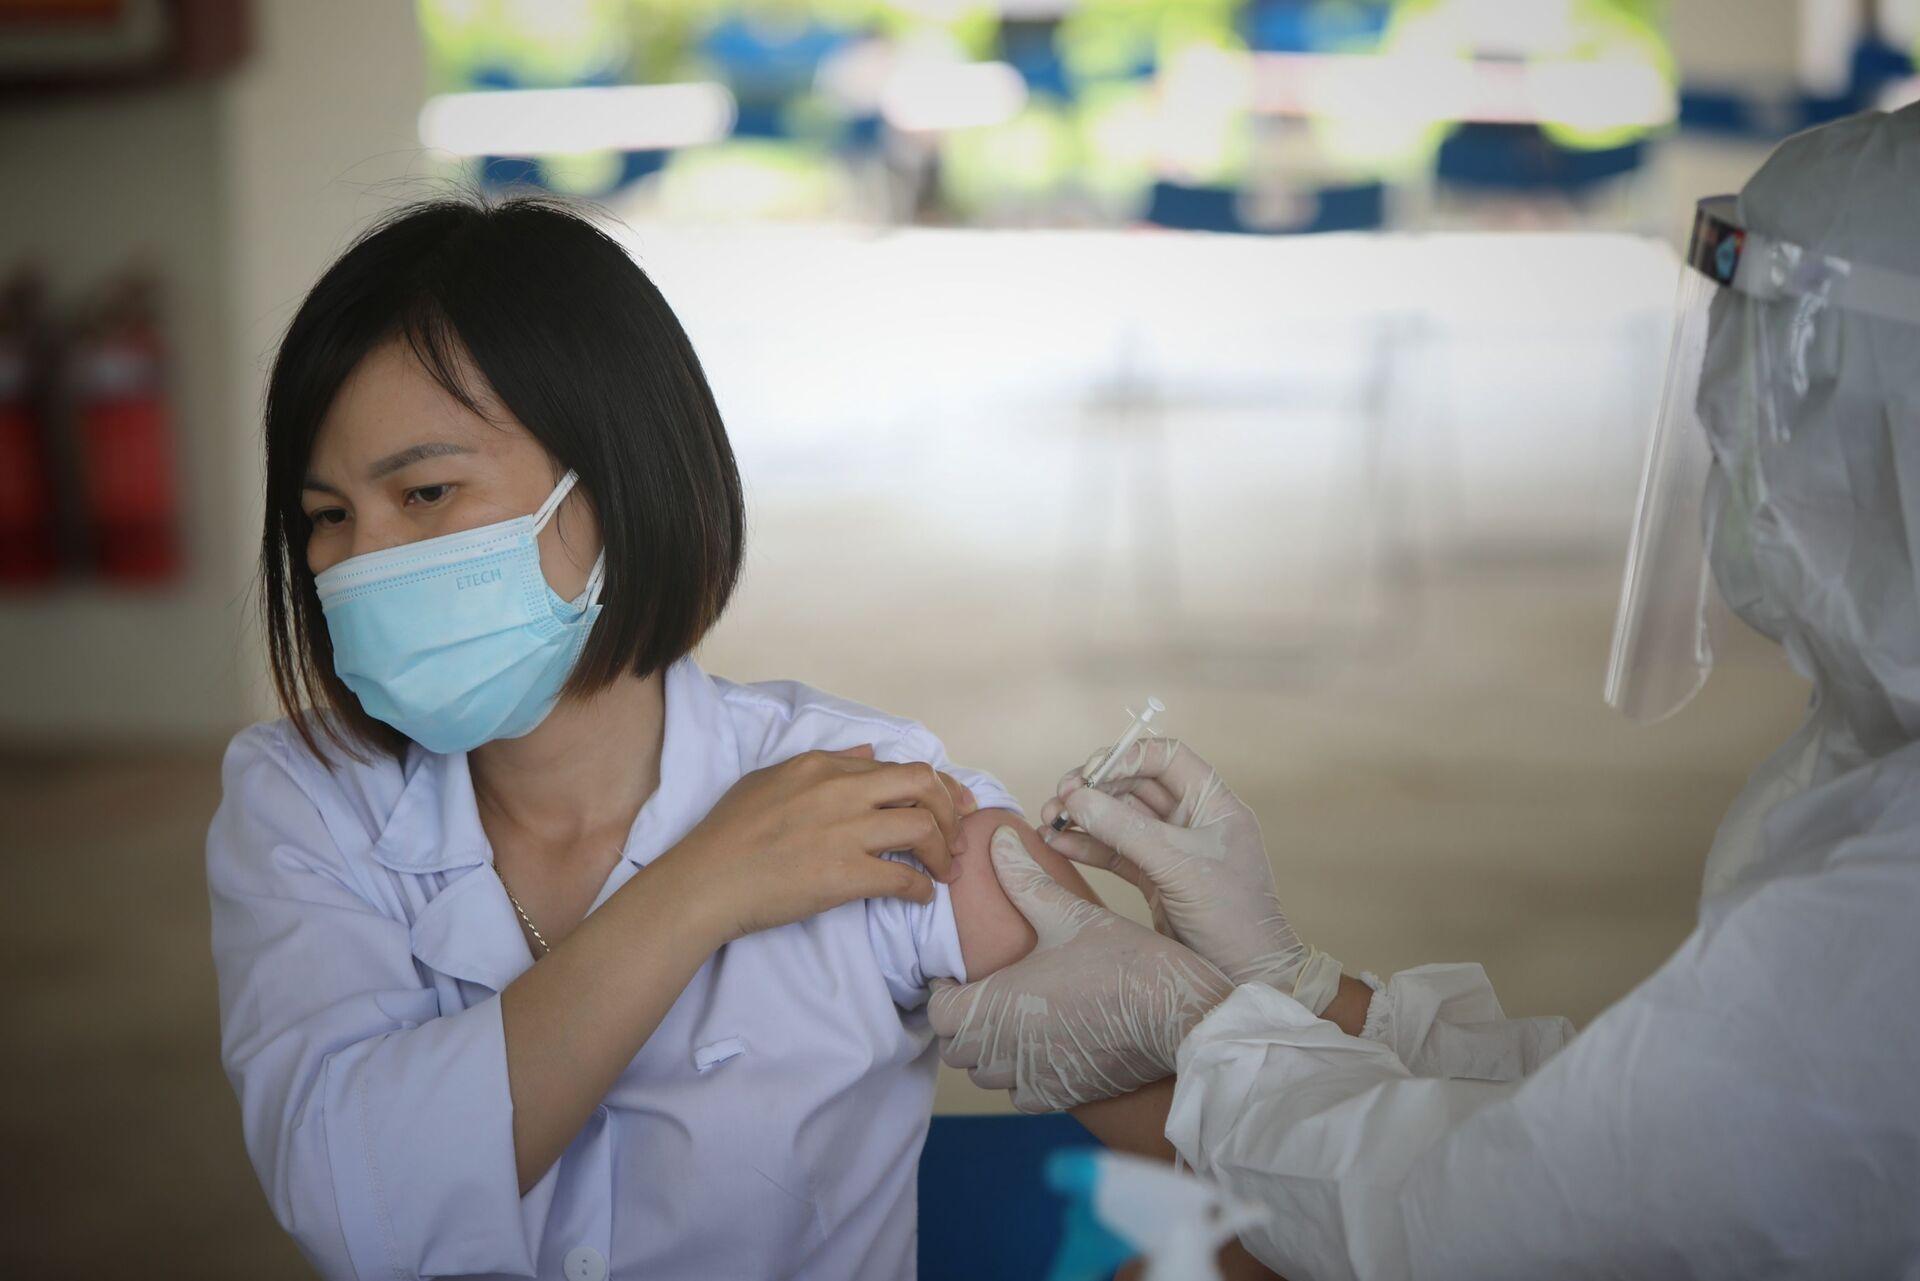 Việt Nam 'chạy' chiến dịch vaccine lớn nhất lịch sử, huy động cả Quân đội - Sputnik Việt Nam, 1920, 15.06.2021